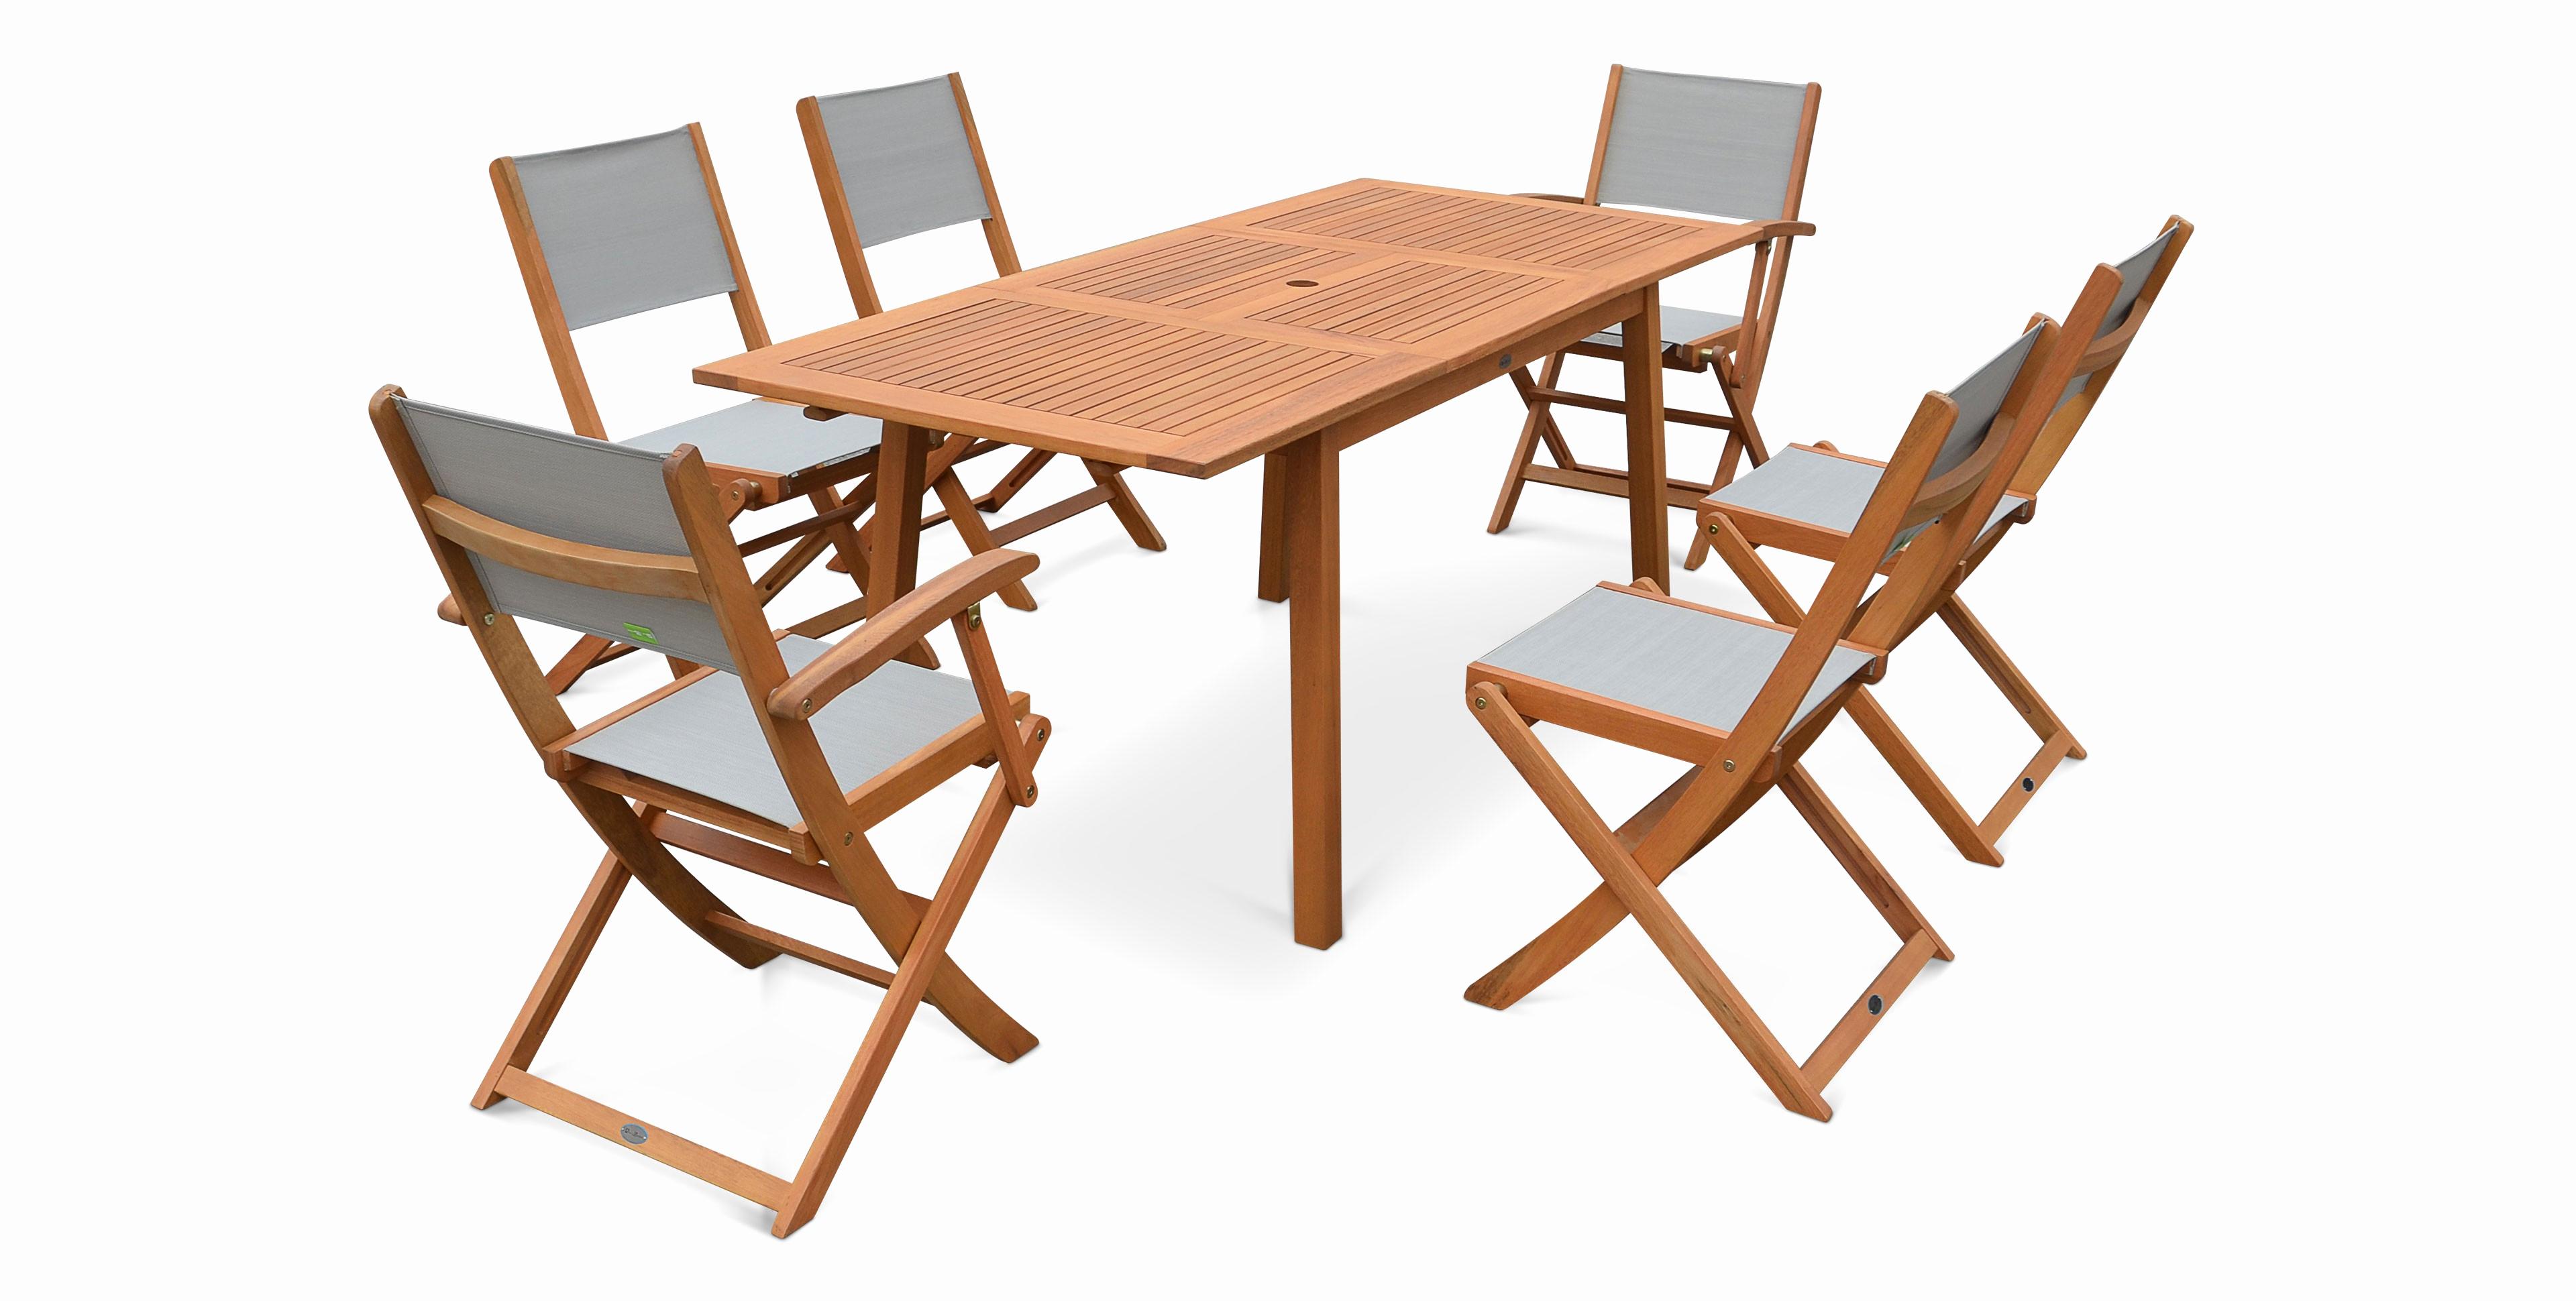 Table Jardin Intermarché Nouveau Images Admiré Chaise Longue Leclerc ...